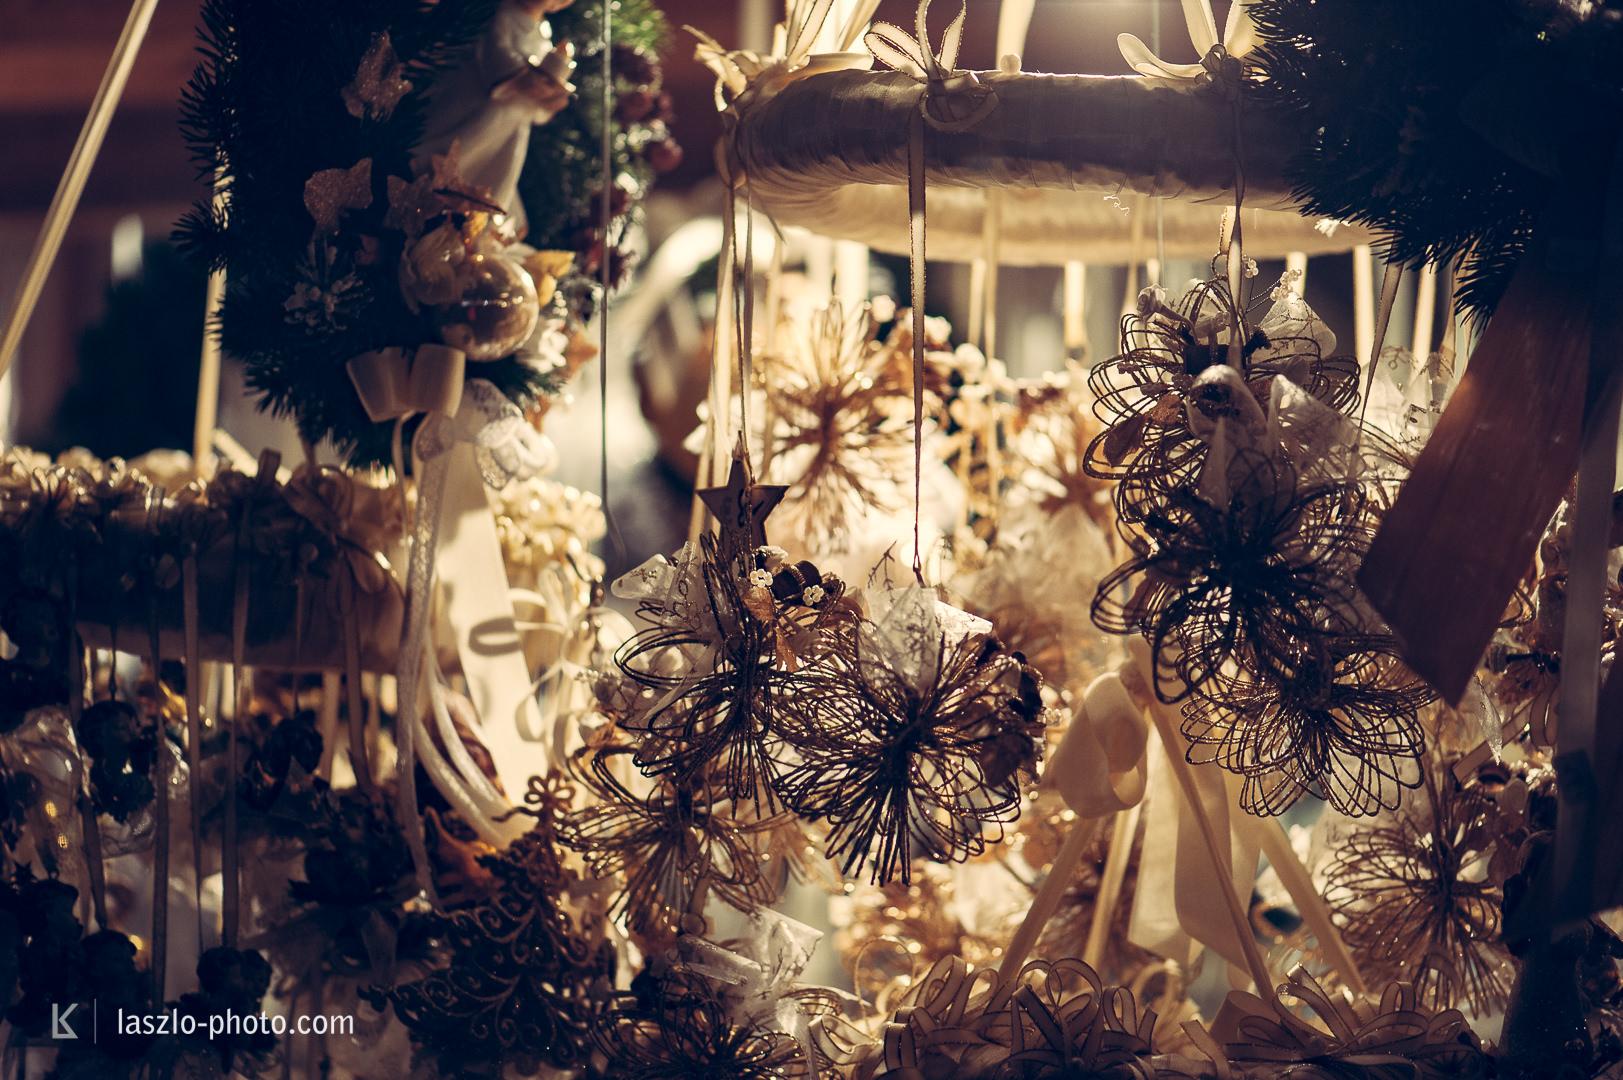 20161209_Weihnachten_Christkindlmarkt-4789